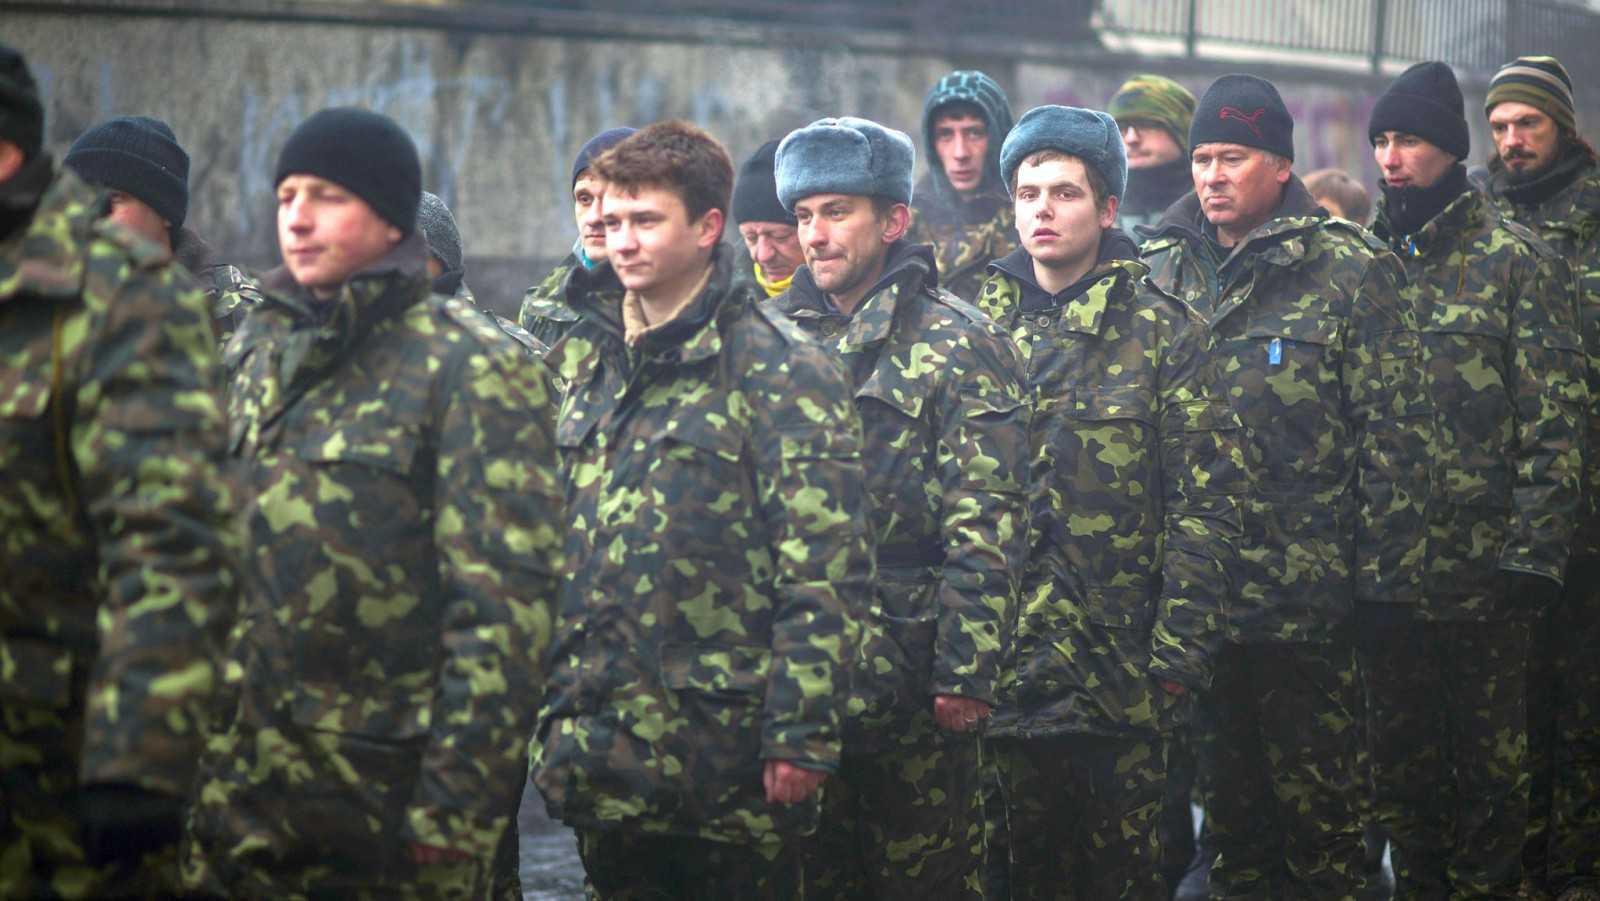 """<b>ROMANIA se pregateste de RAZBOI… pe șest?</b> ORDIN OFICIAL PRIVITOR LA RECRUTAREA OBLIGATORIE PE TIMP DE RAZBOI/ <b>Ucraina si-a pus armata in <i>""""STARE DE ALERTA TOTALA""""</i> si expulzeaza ATASATUL MILITAR al Rusiei</b>/ Titus Corlatean afirma """"AMENINTAREA RUSA"""" si cere BAZA NATO PERMANENTA"""